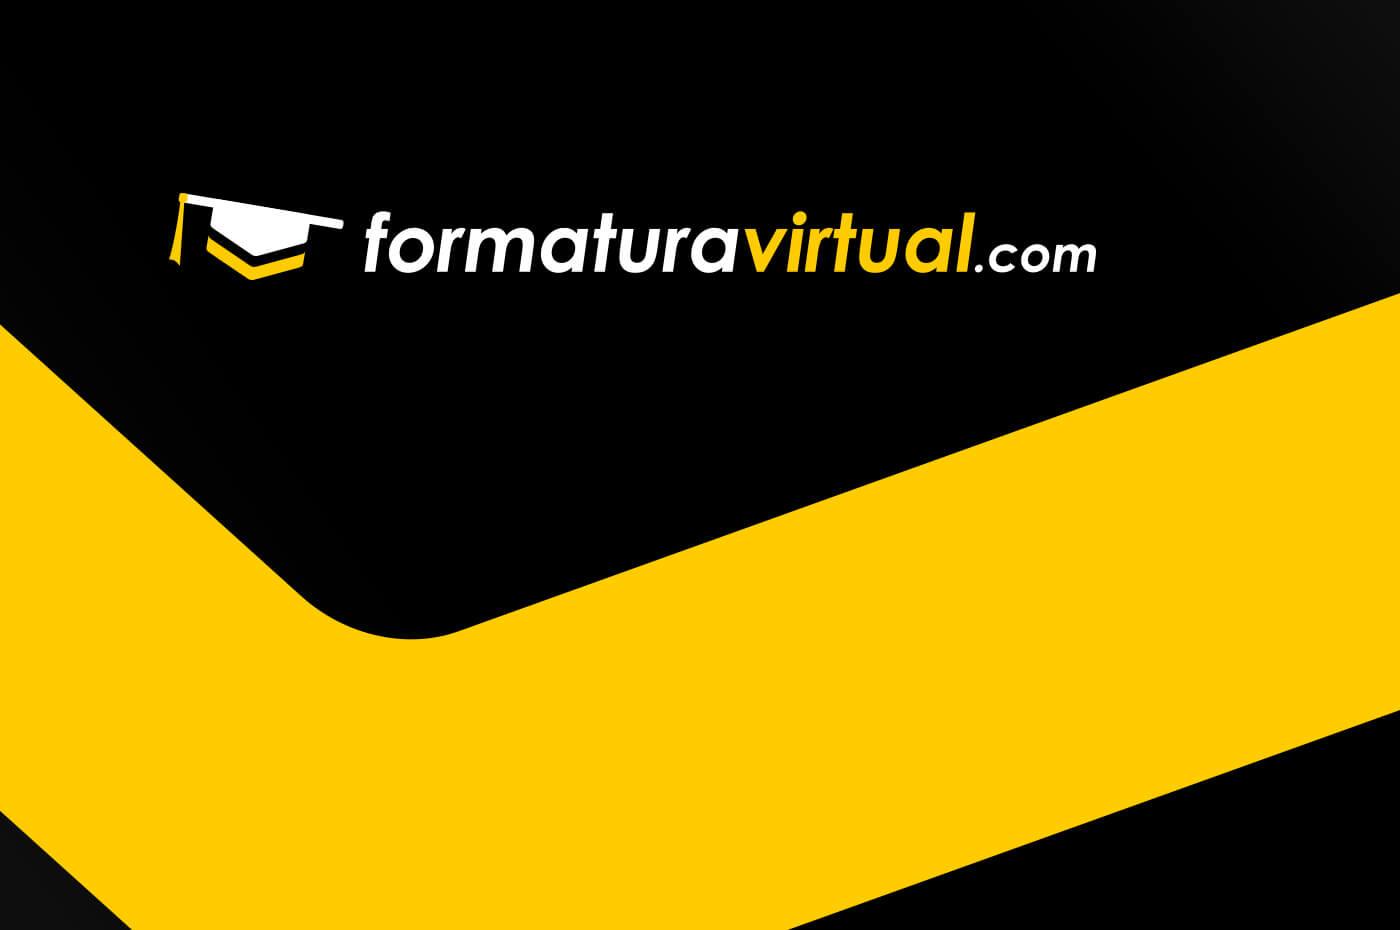 https://www.rafaeloliveira.com/portfolio/formaturavirtual-com